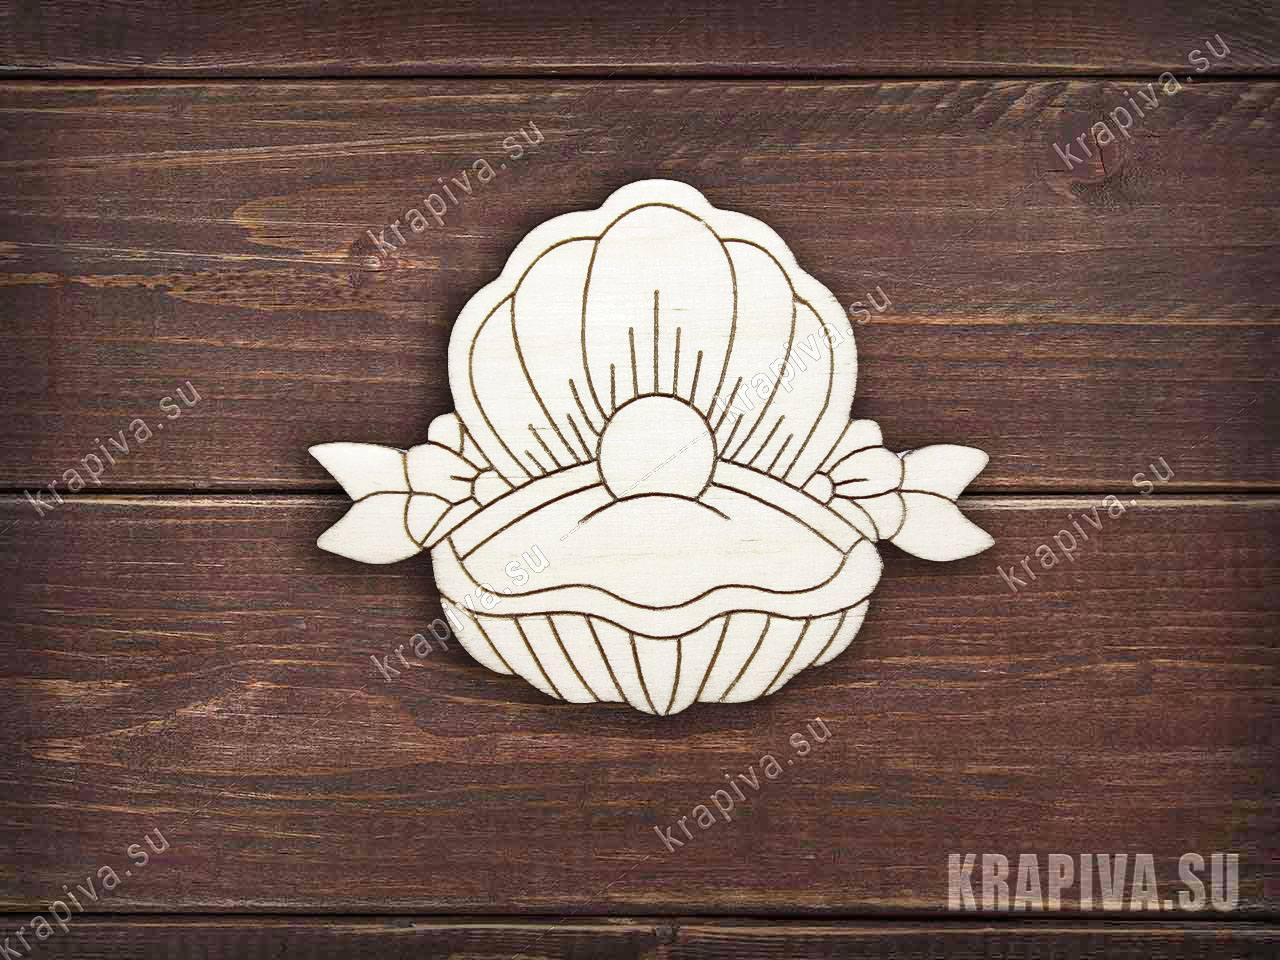 Ракушка с жемчугом заготовка значка за 35 руб. в магазине Крапива (krapiva.su) (фото)